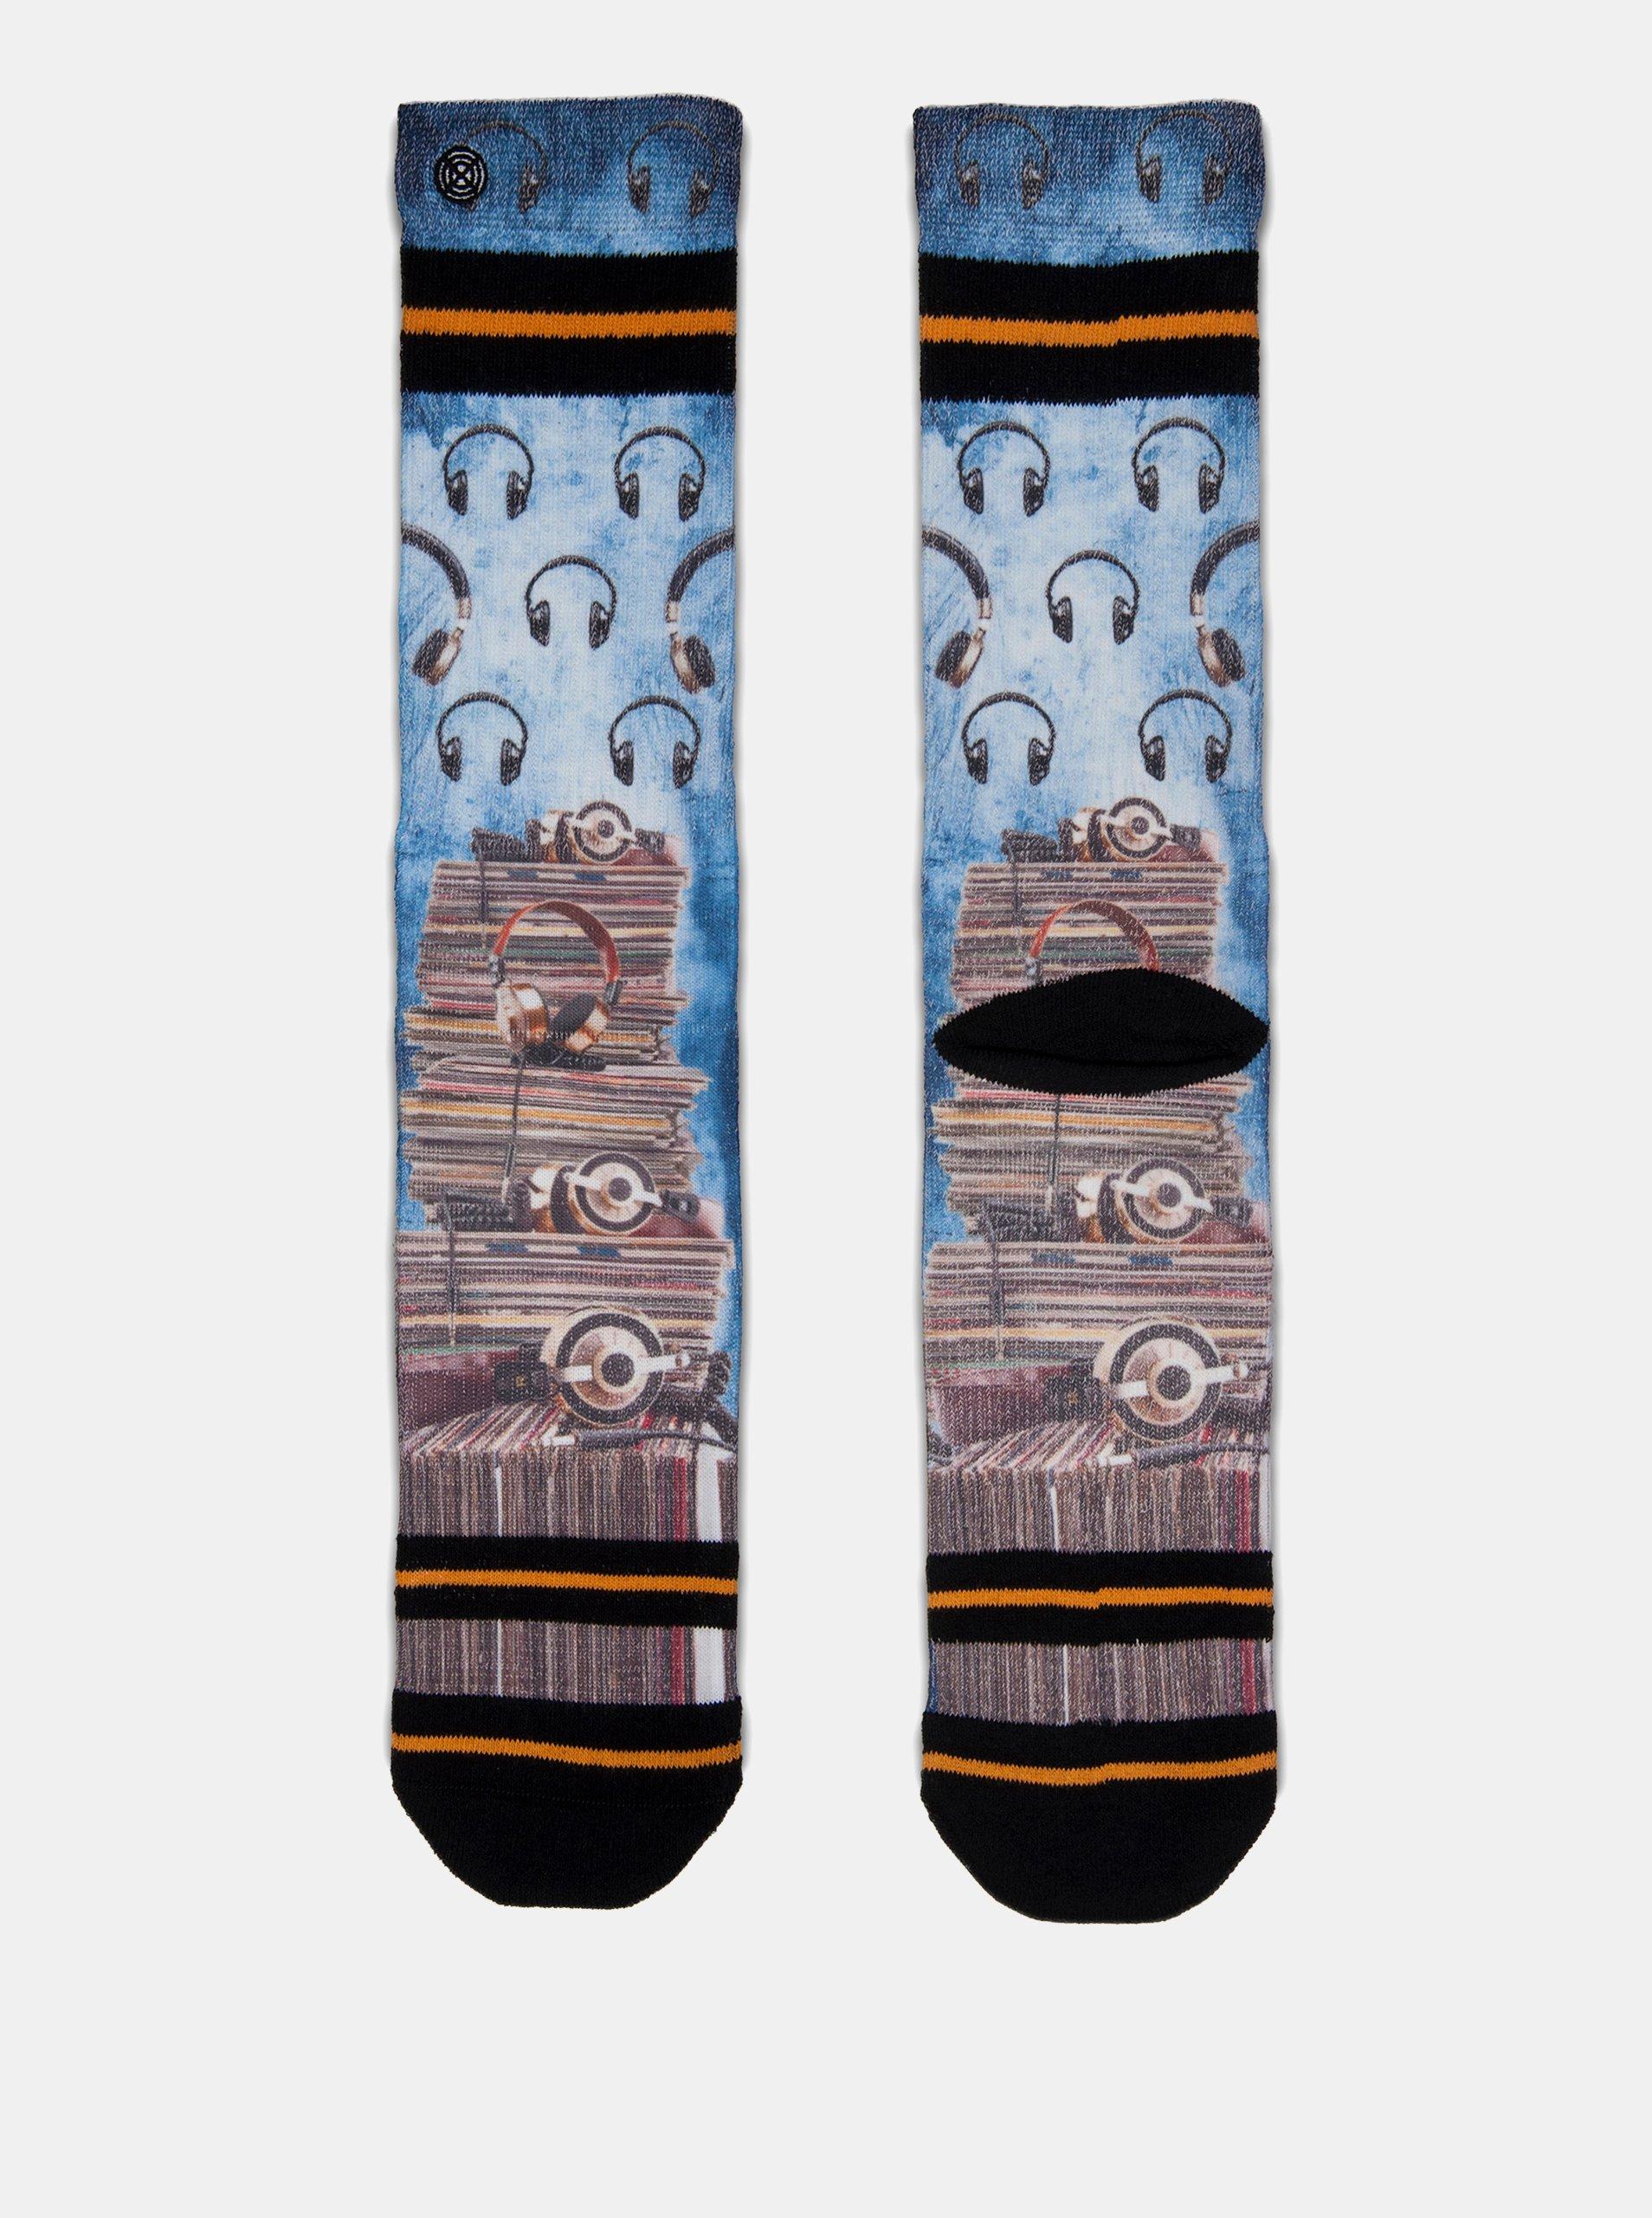 Hnedo–modré pánske ponožky s motívom platní a slúchadiel XPOOOS